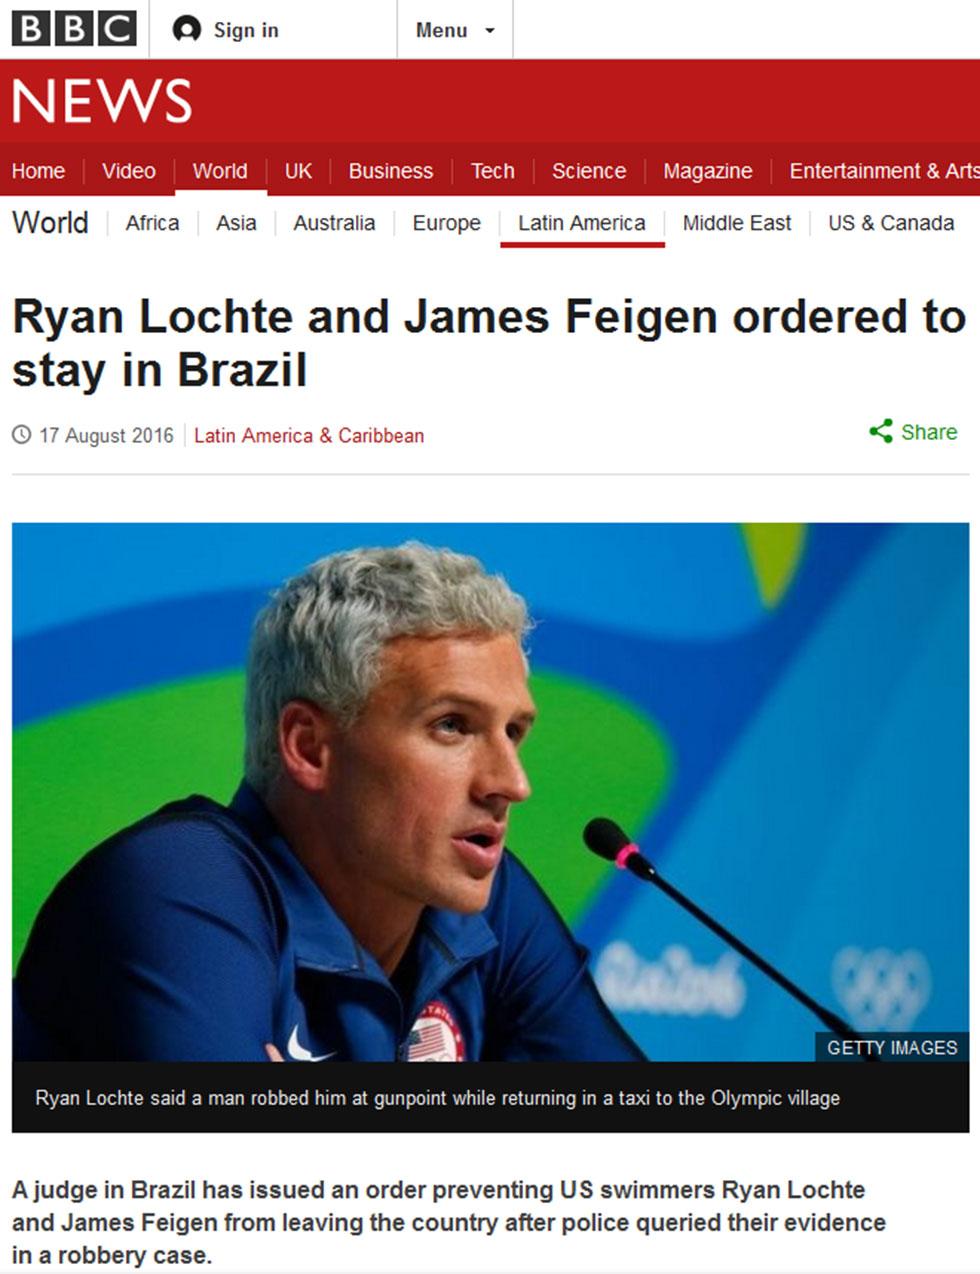 הדיווח ב-BBC על פרשת לוכטה ()